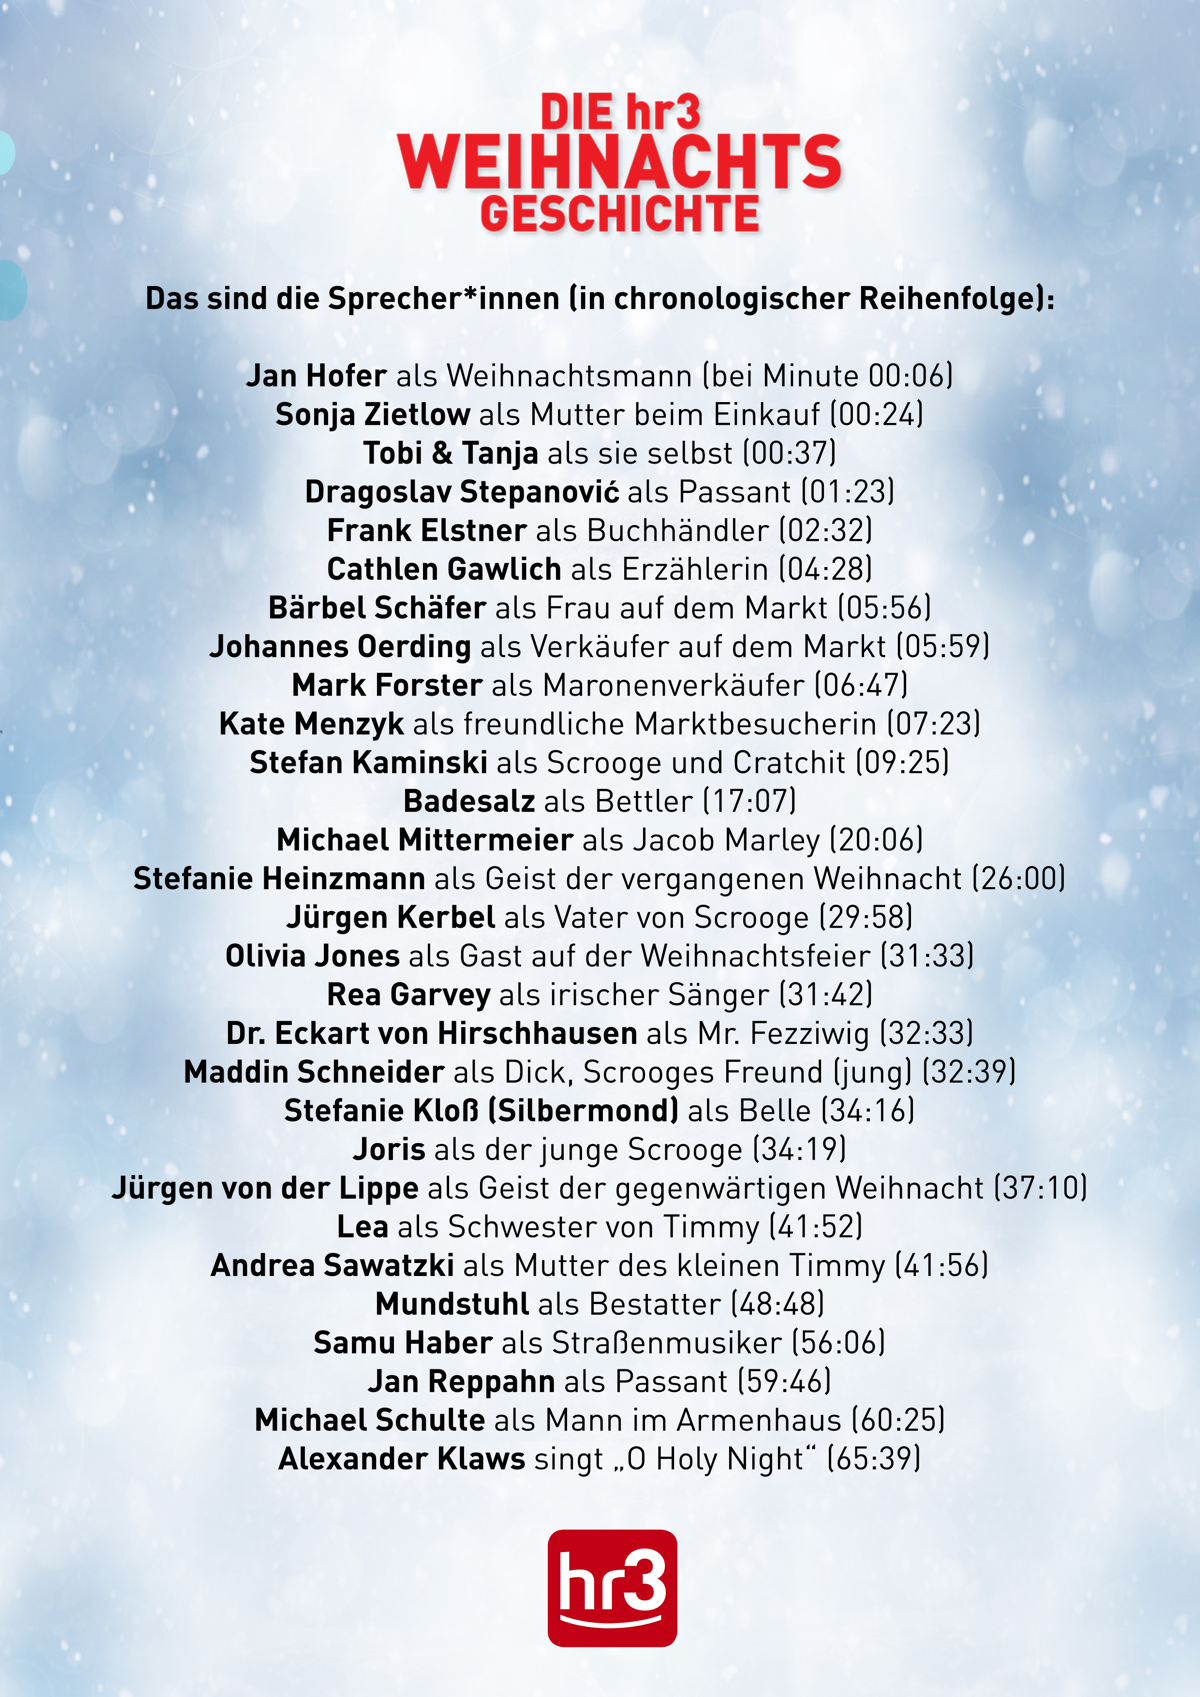 hr3-Weihnachtsgeschichte Sprecher*innen